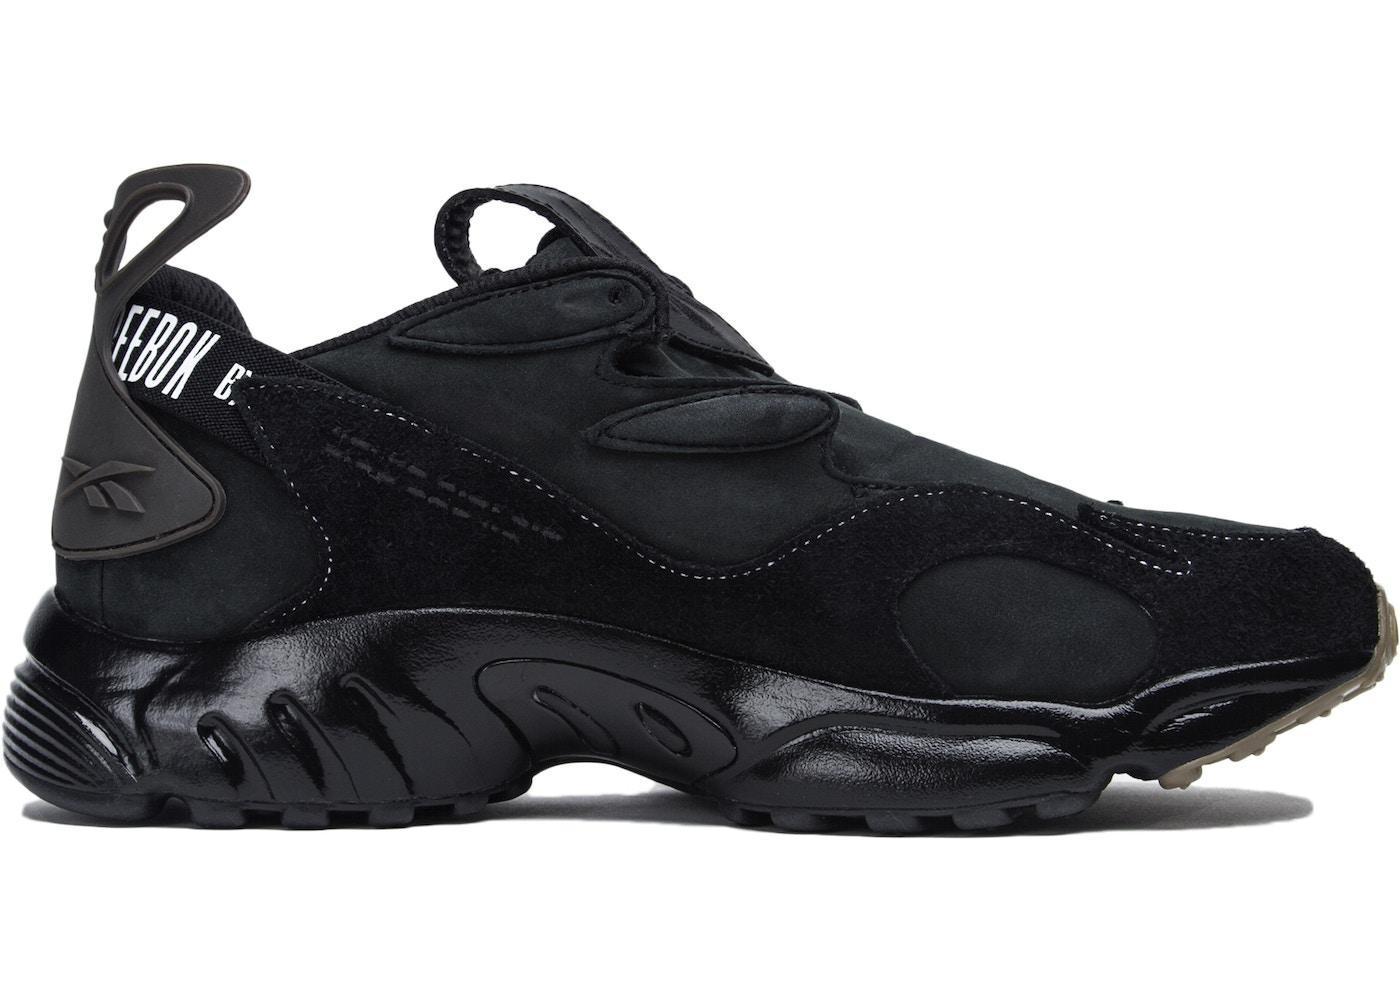 a28a3f3219e Reebok Shoes - Release Date